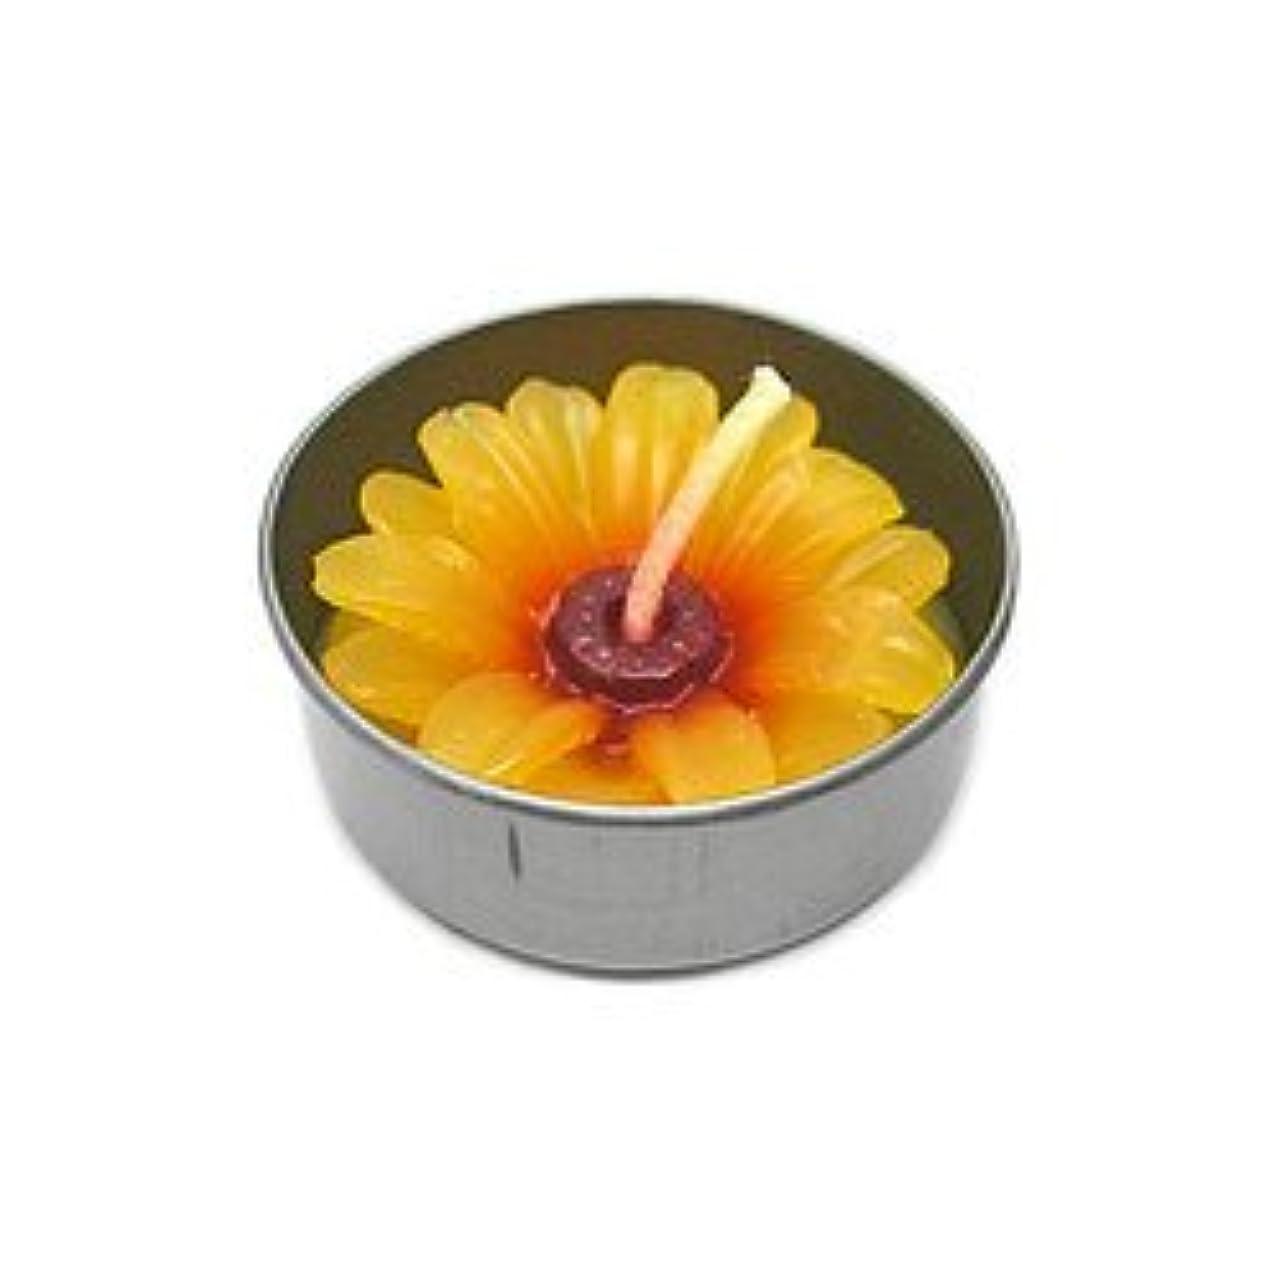 元の形容詞リビジョンアロマキャンドル  ミニ お花 薄オレンジ 鉄の器入り 器直径4cm アジアン雑貨